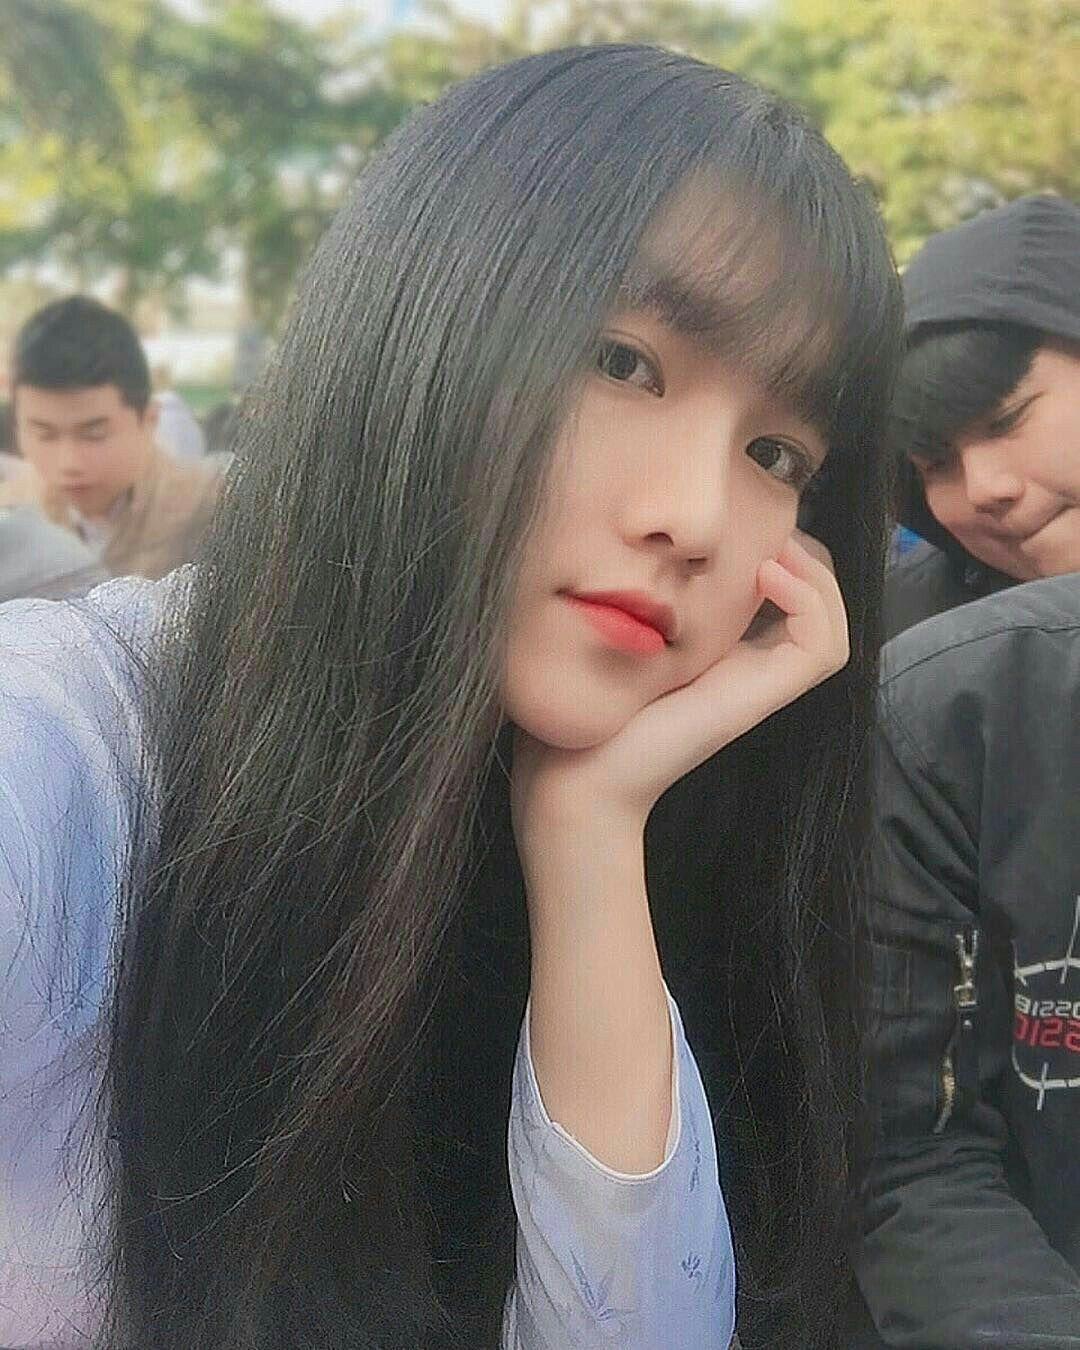 Ghim trên Viet girl cute | gái xinh xinh